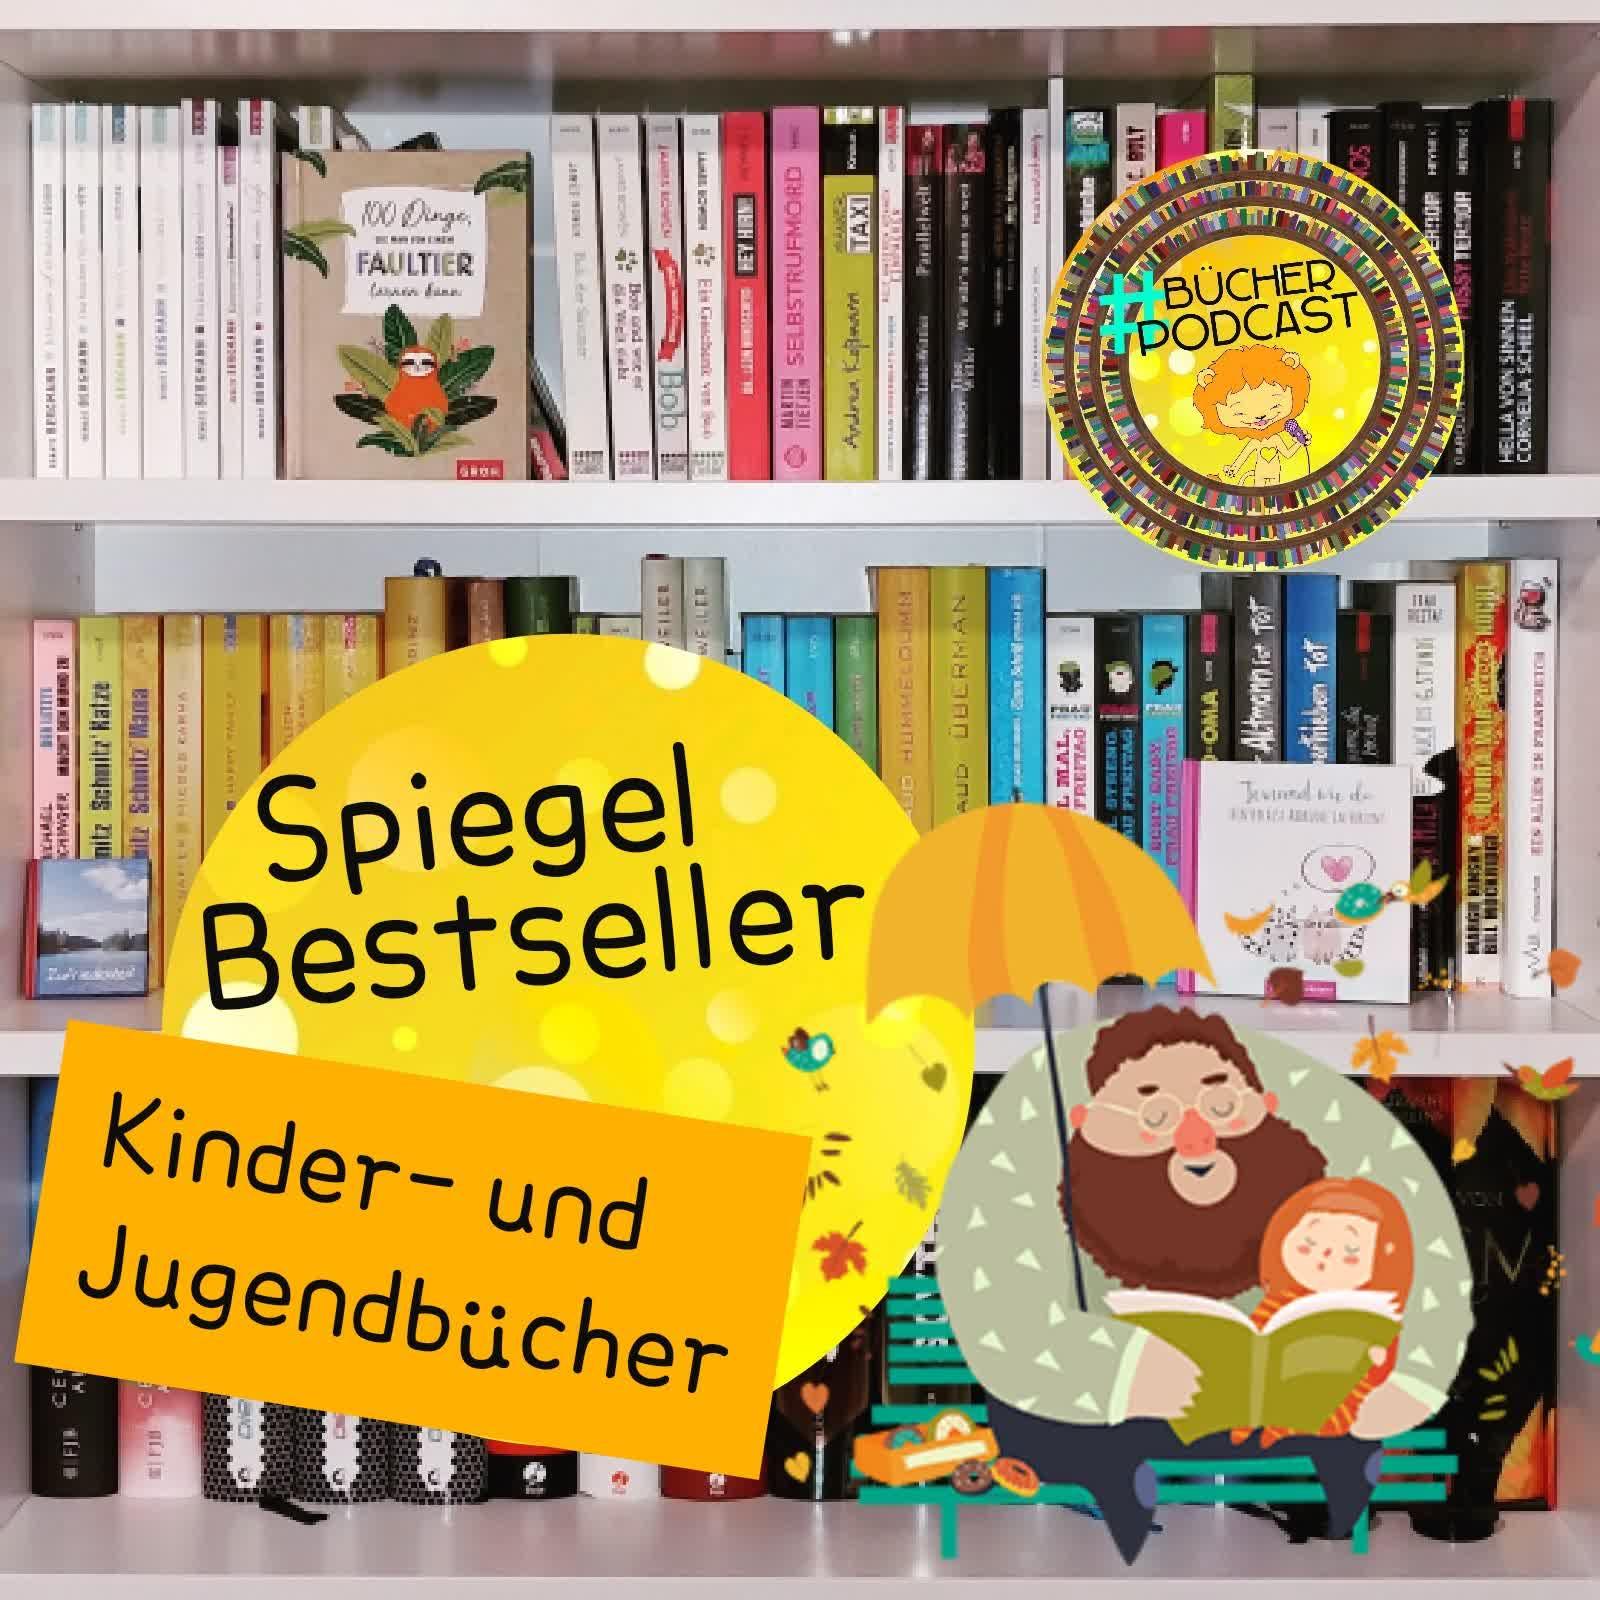 Spiegel Bestseller Kinder- und Jugendbücher